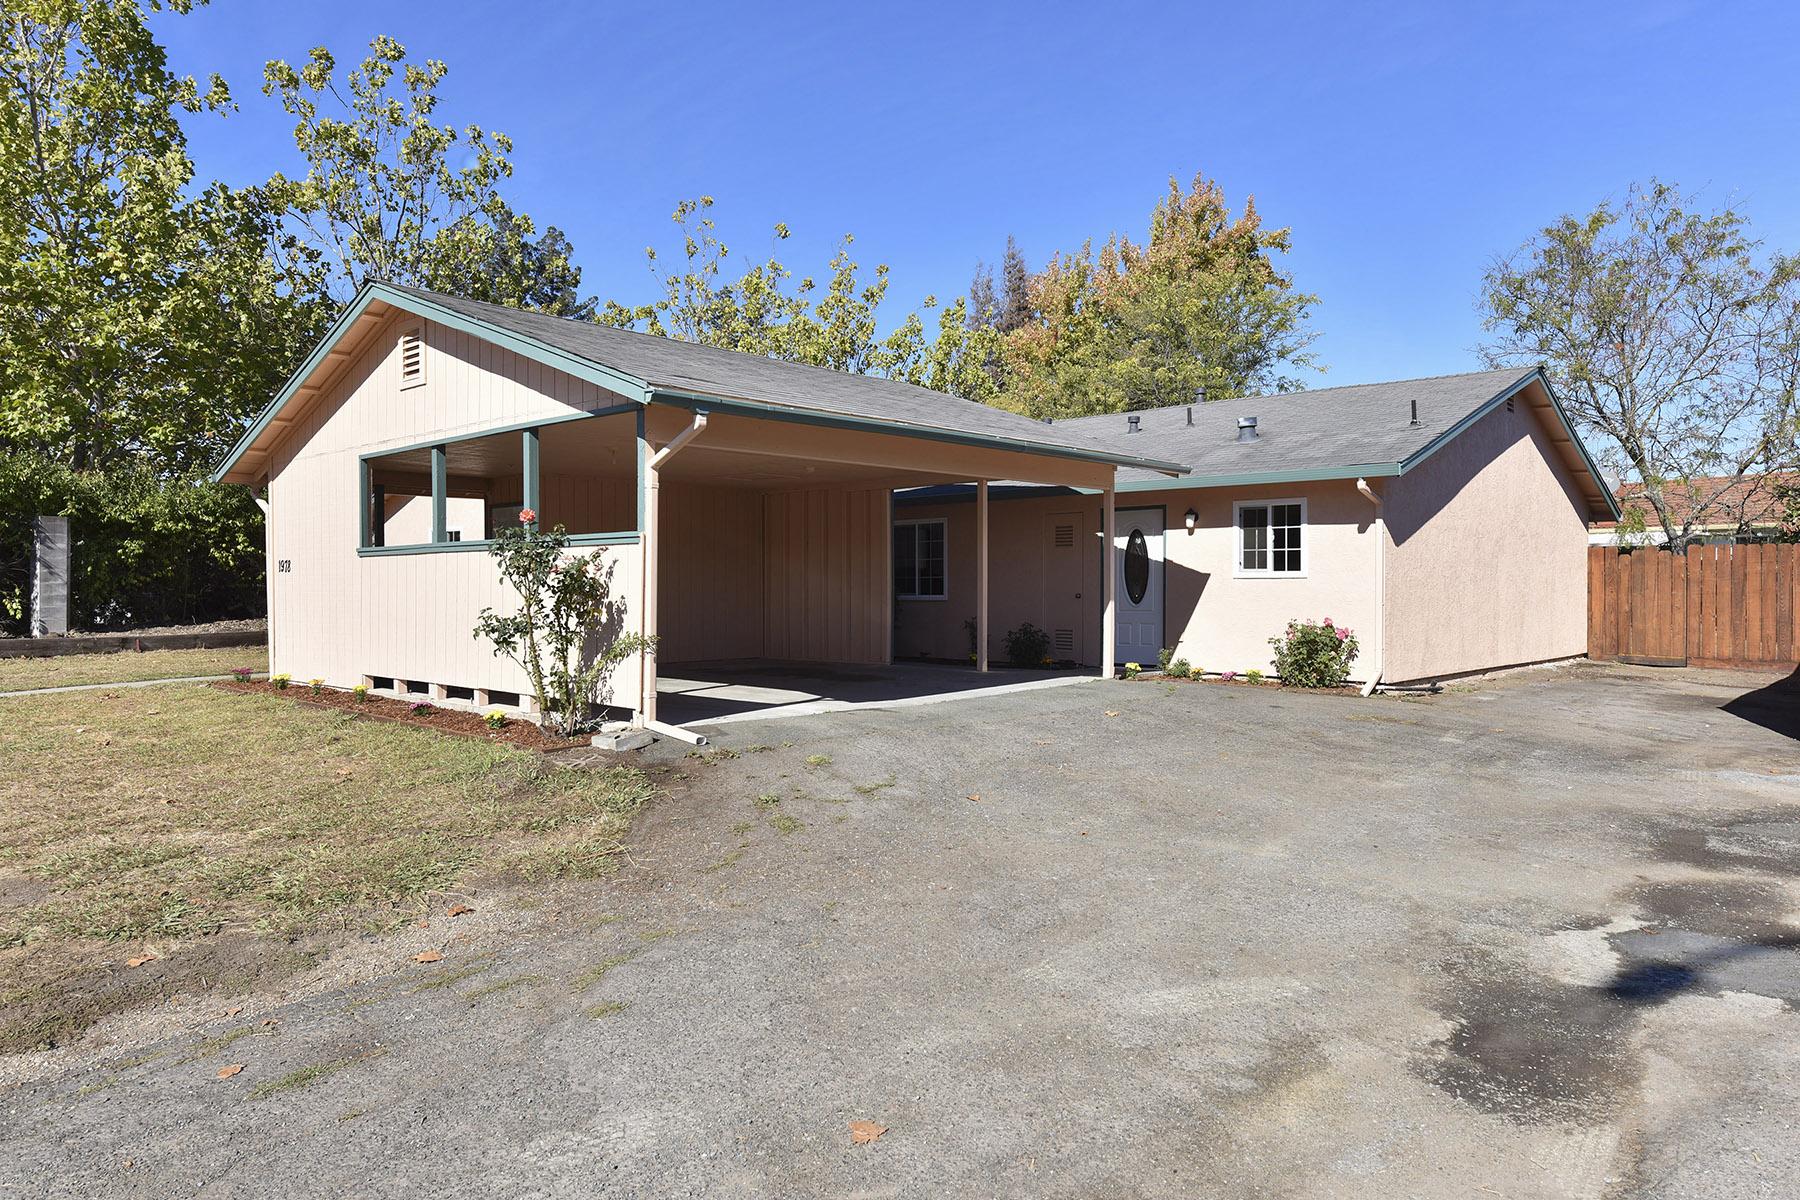 Moradia Multi-familiar para Venda às A Charming Duplex with a Spacious Backyard 1974 Trower Ave Napa, Califórnia, 94558 Estados Unidos